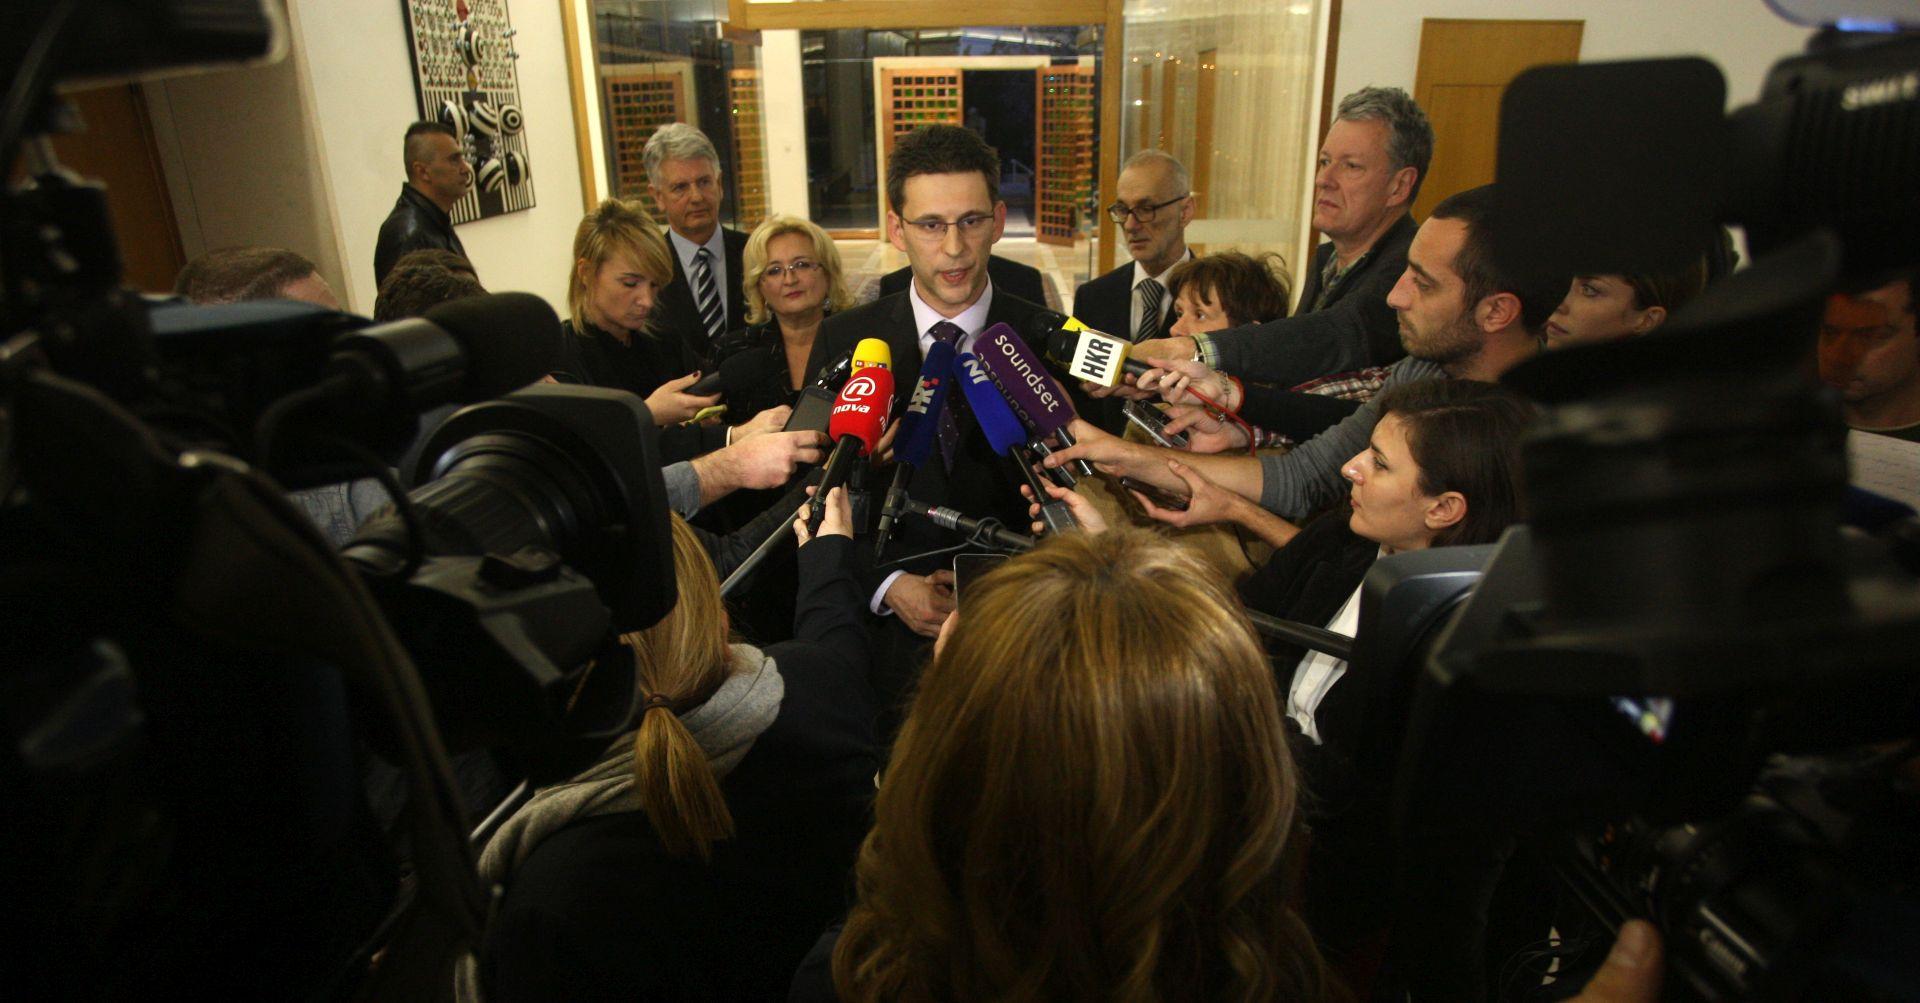 """PETROV: """"Nastavljamo razgovore s Domoljubnom koalicijom i vjerujemo da bismo ih brzo mogli završiti"""""""